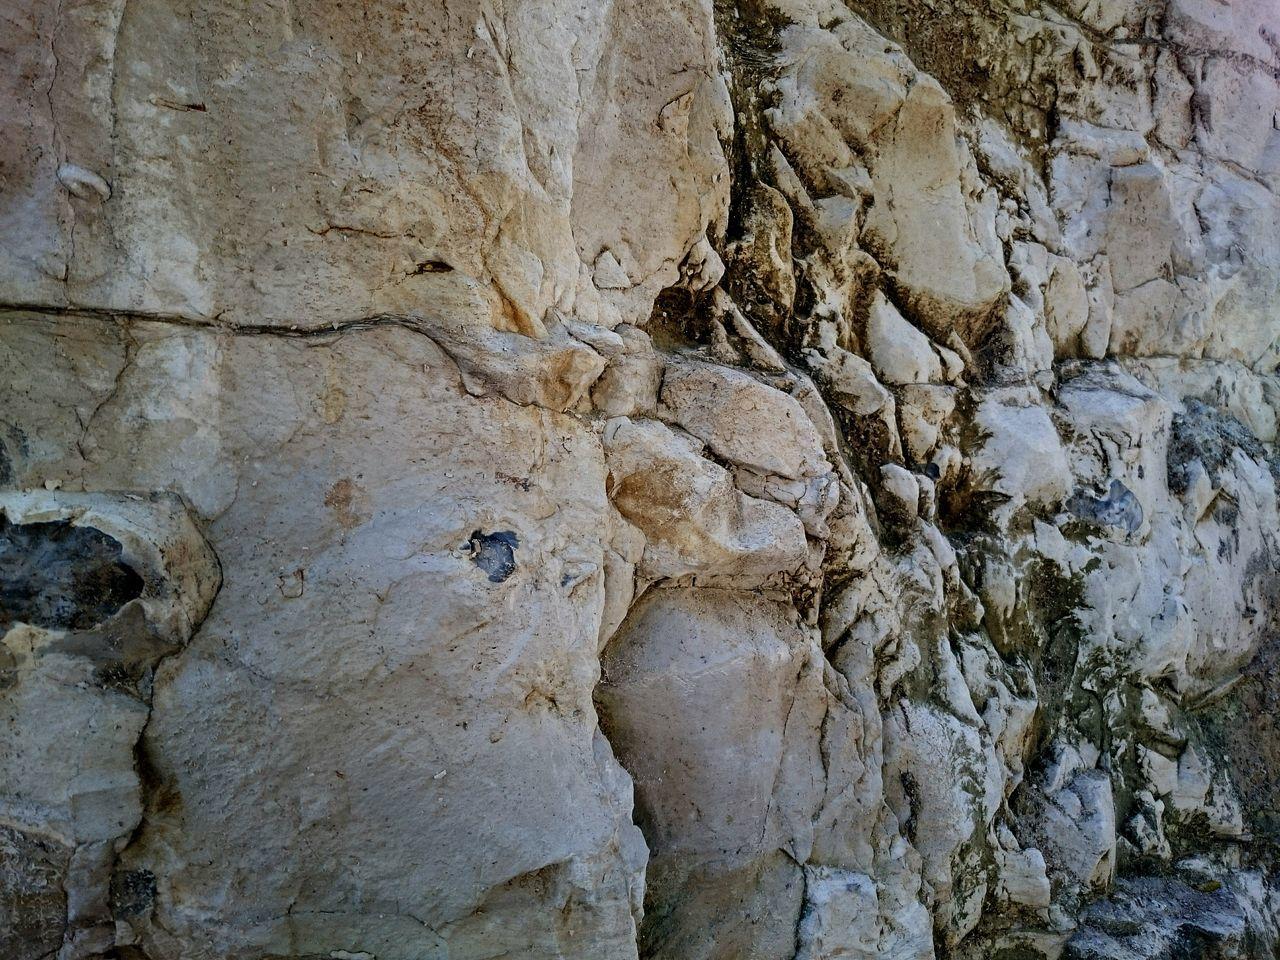 Kerpe Kerpe_Kefken/Kocaeli/Turkey Rock